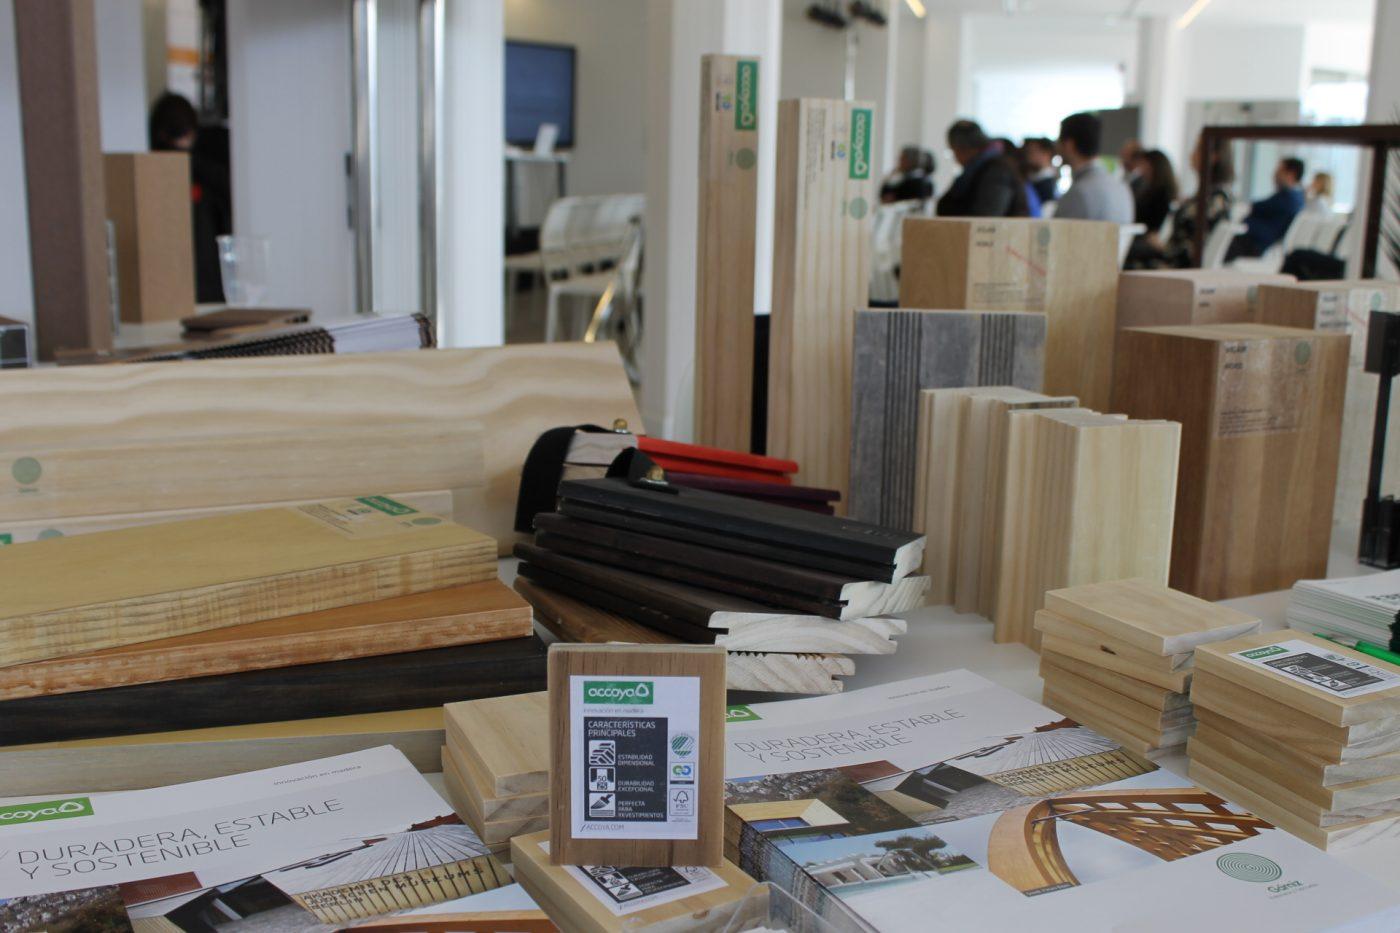 GAMIZ presenta ACCOYA: La madera duradera, estable y sostenible